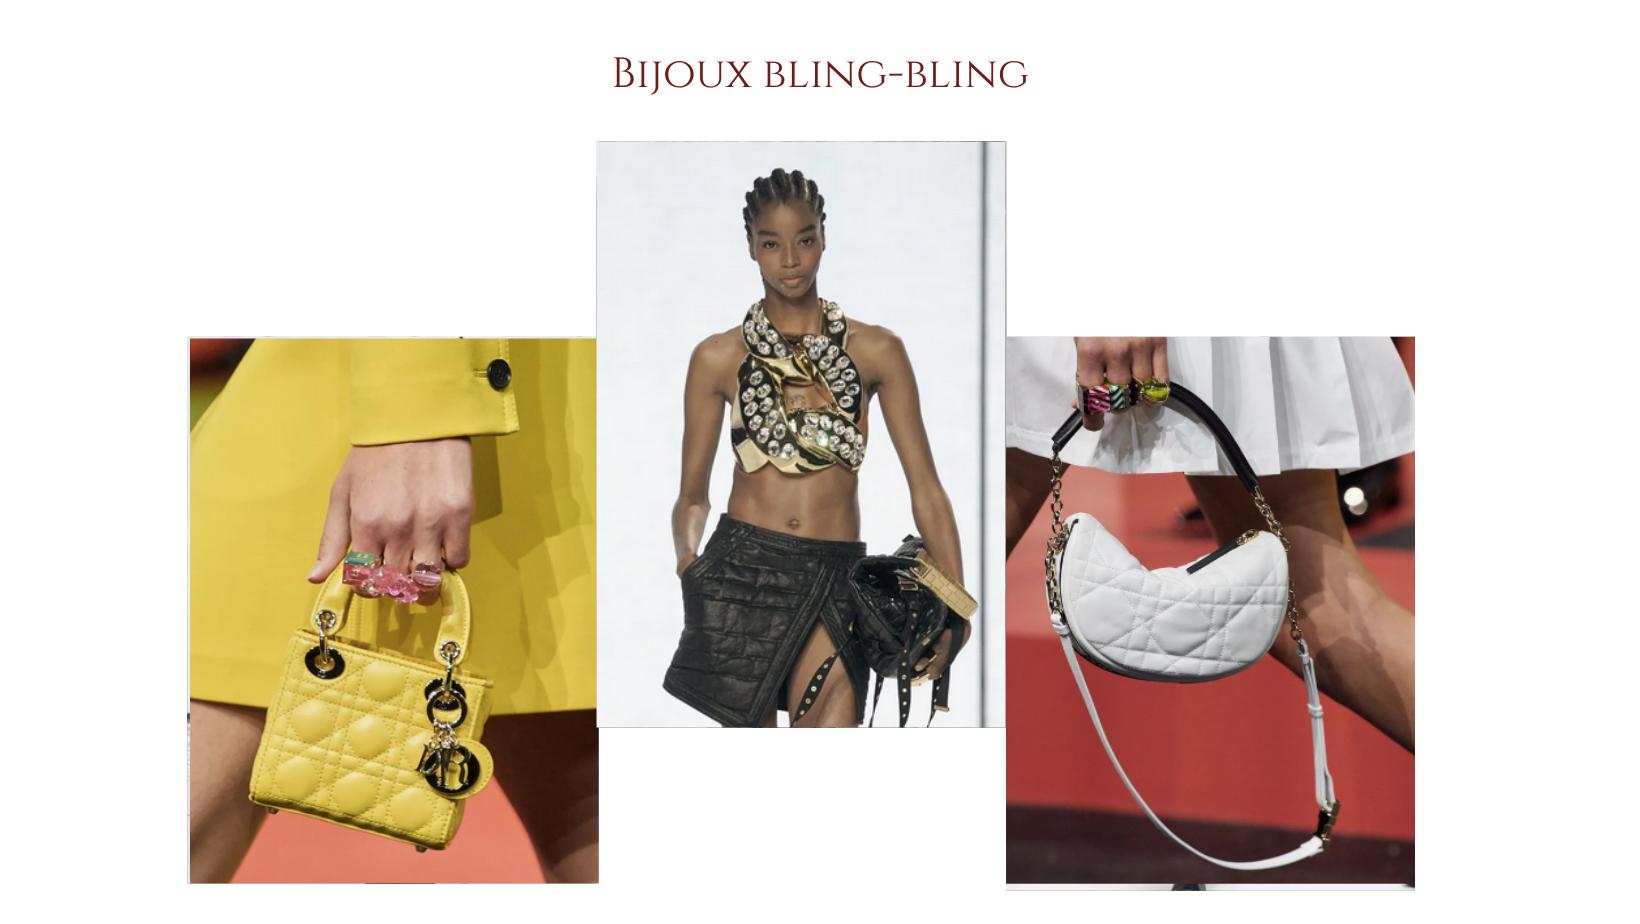 bijouxblingbling